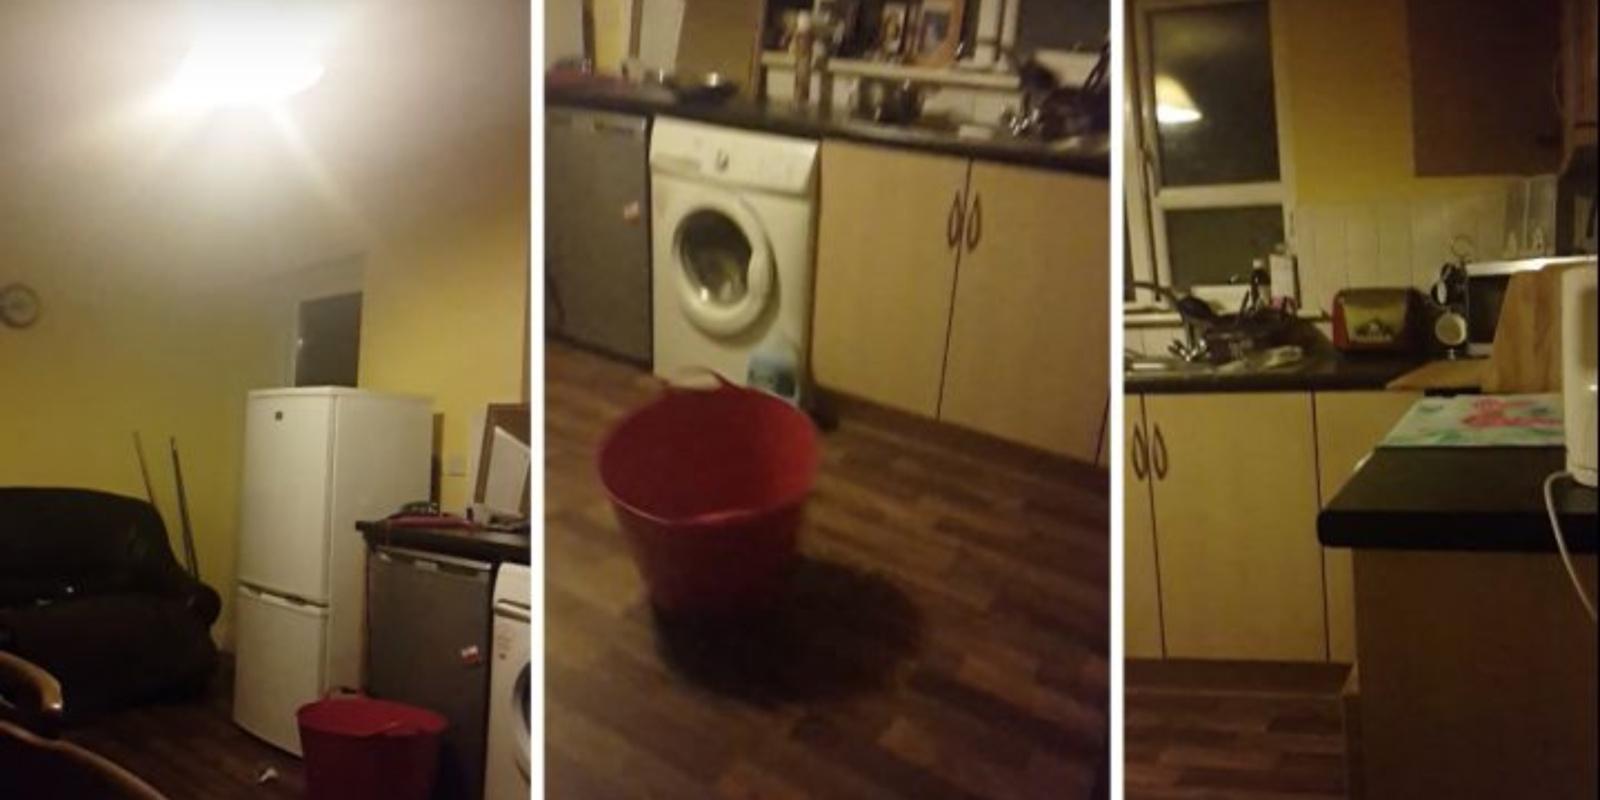 Paranormalūs reiškiniai: moters namuose patys skraido daiktai, juda baldai (vaizdo įrašas)